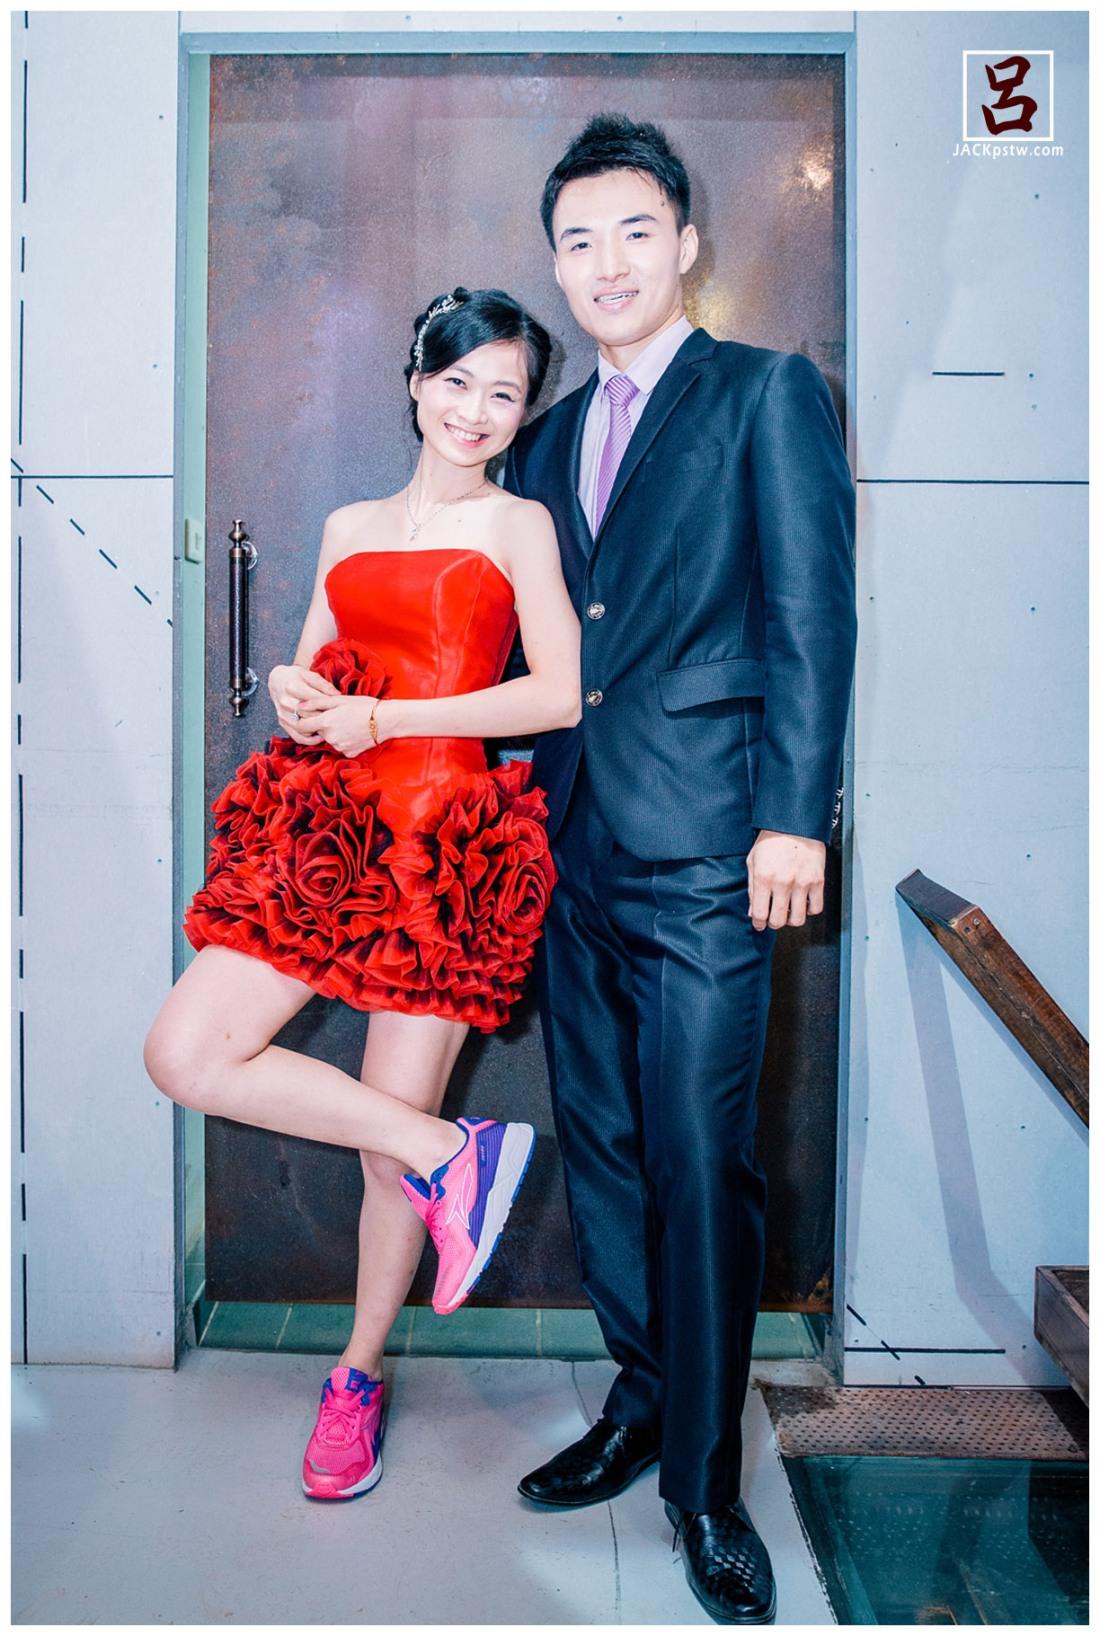 新人準備出場, 新娘特別換上運動鞋, 等下將以跳舞方式進場